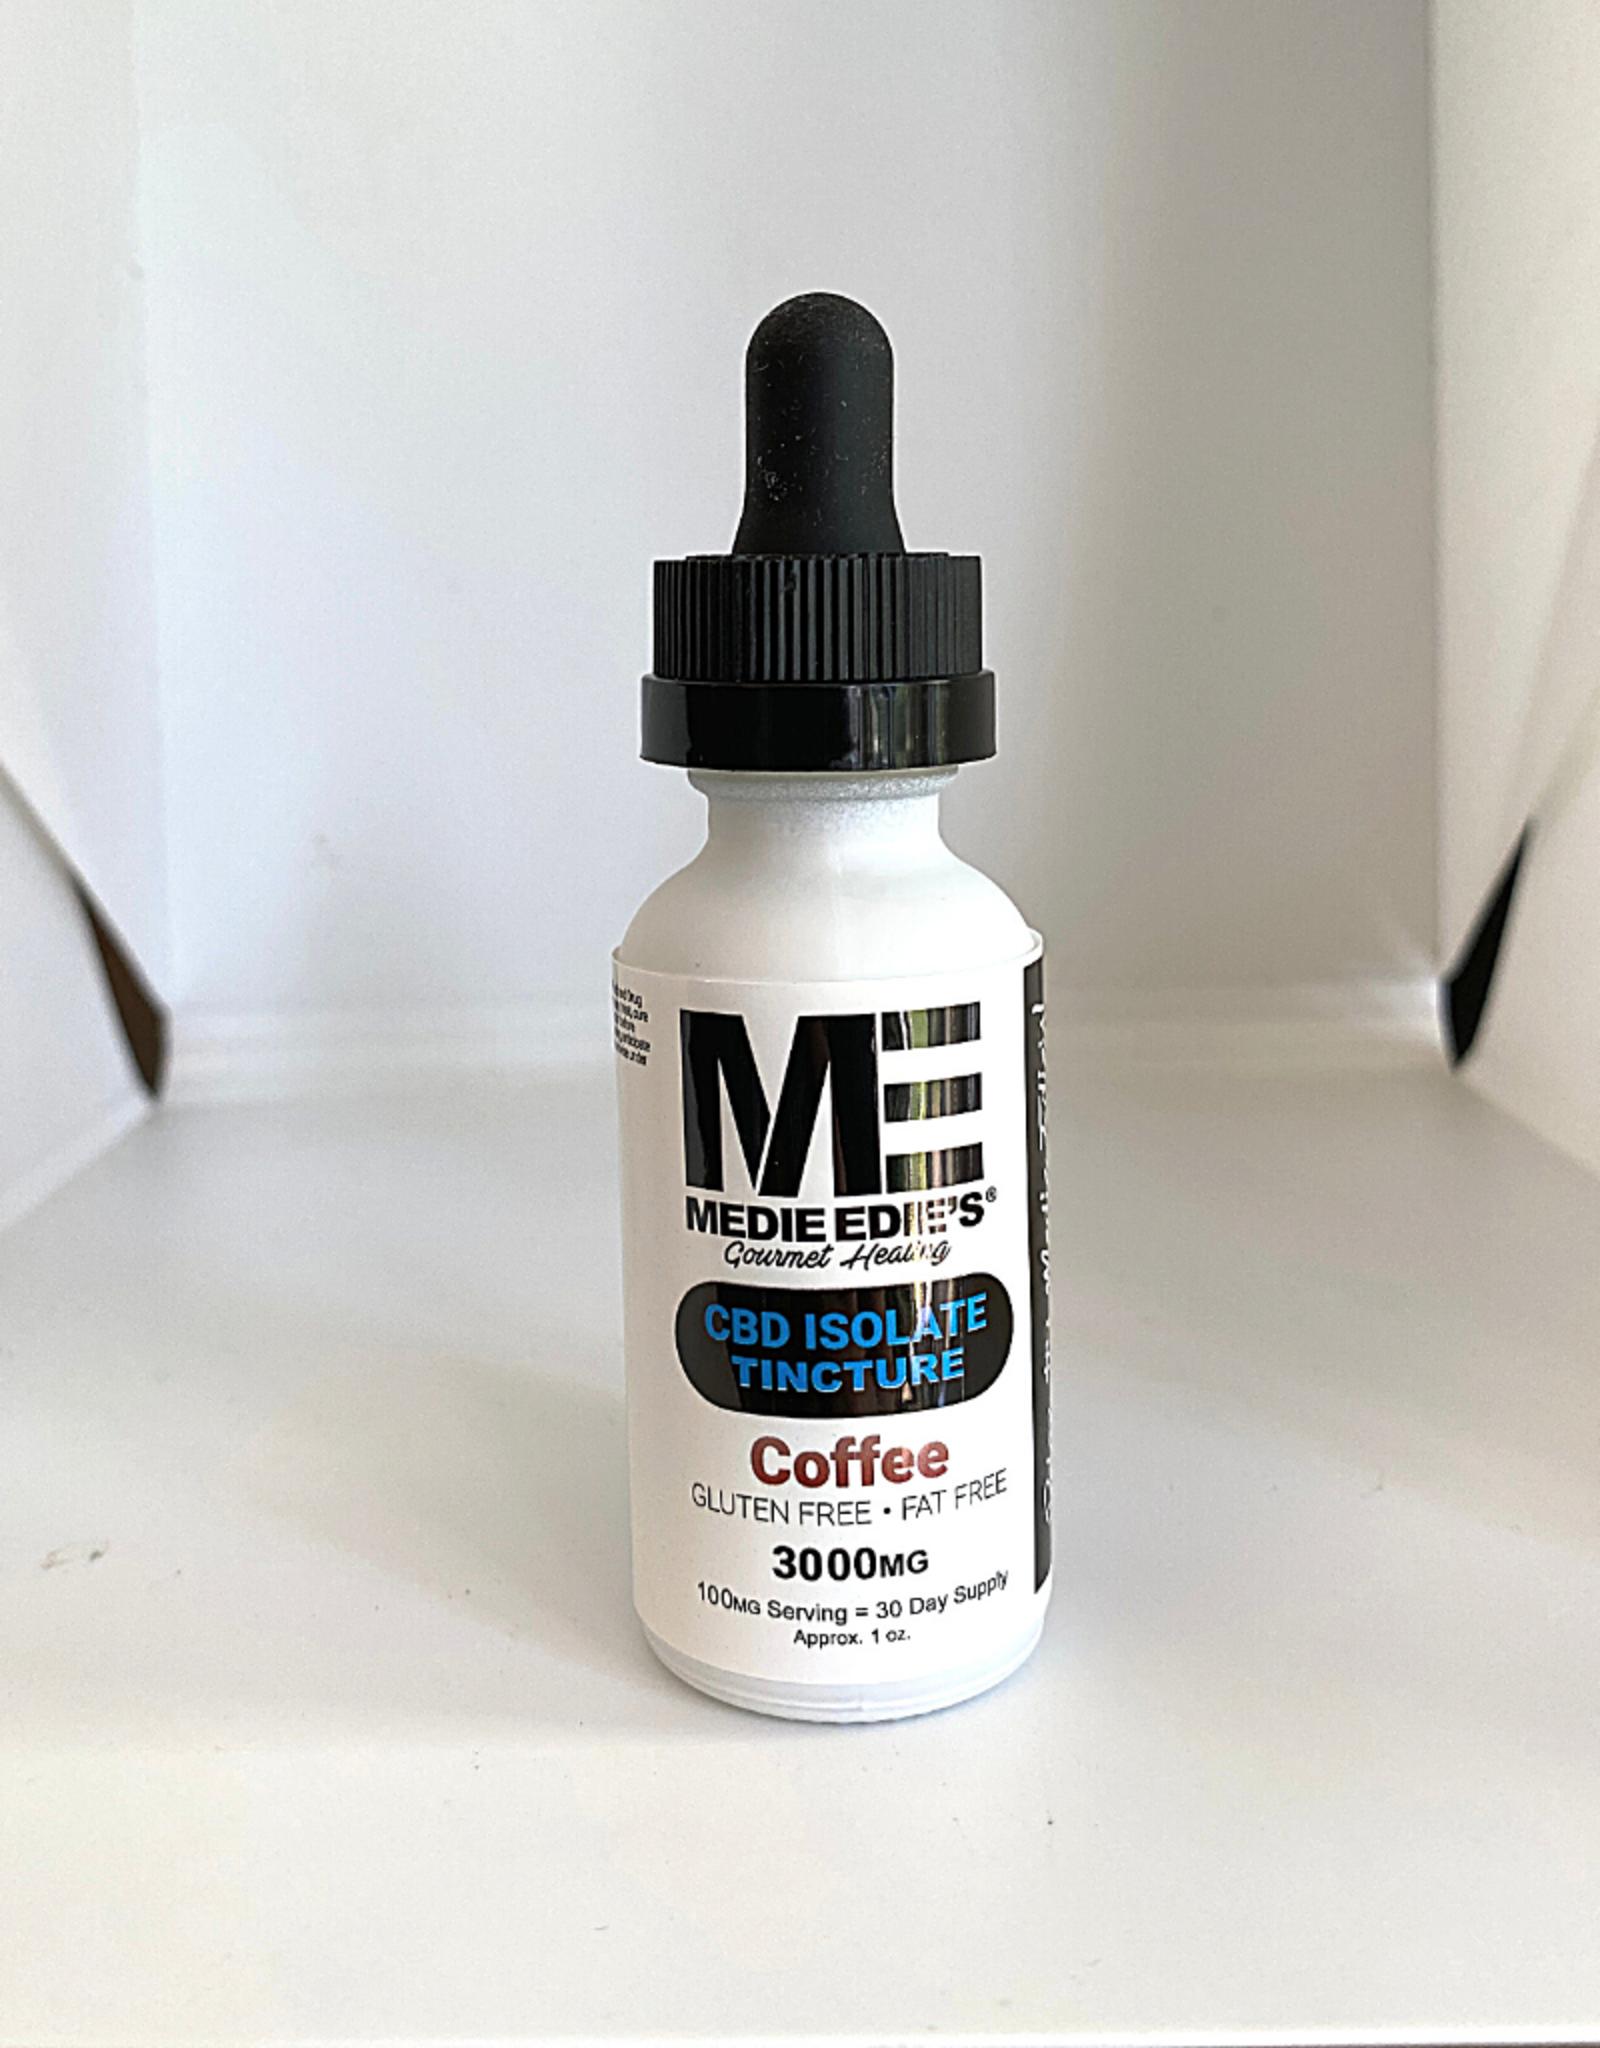 Medie Edie's Medie Edie's 30ml  CBD Tincture Coffee- 100mg.3000mg